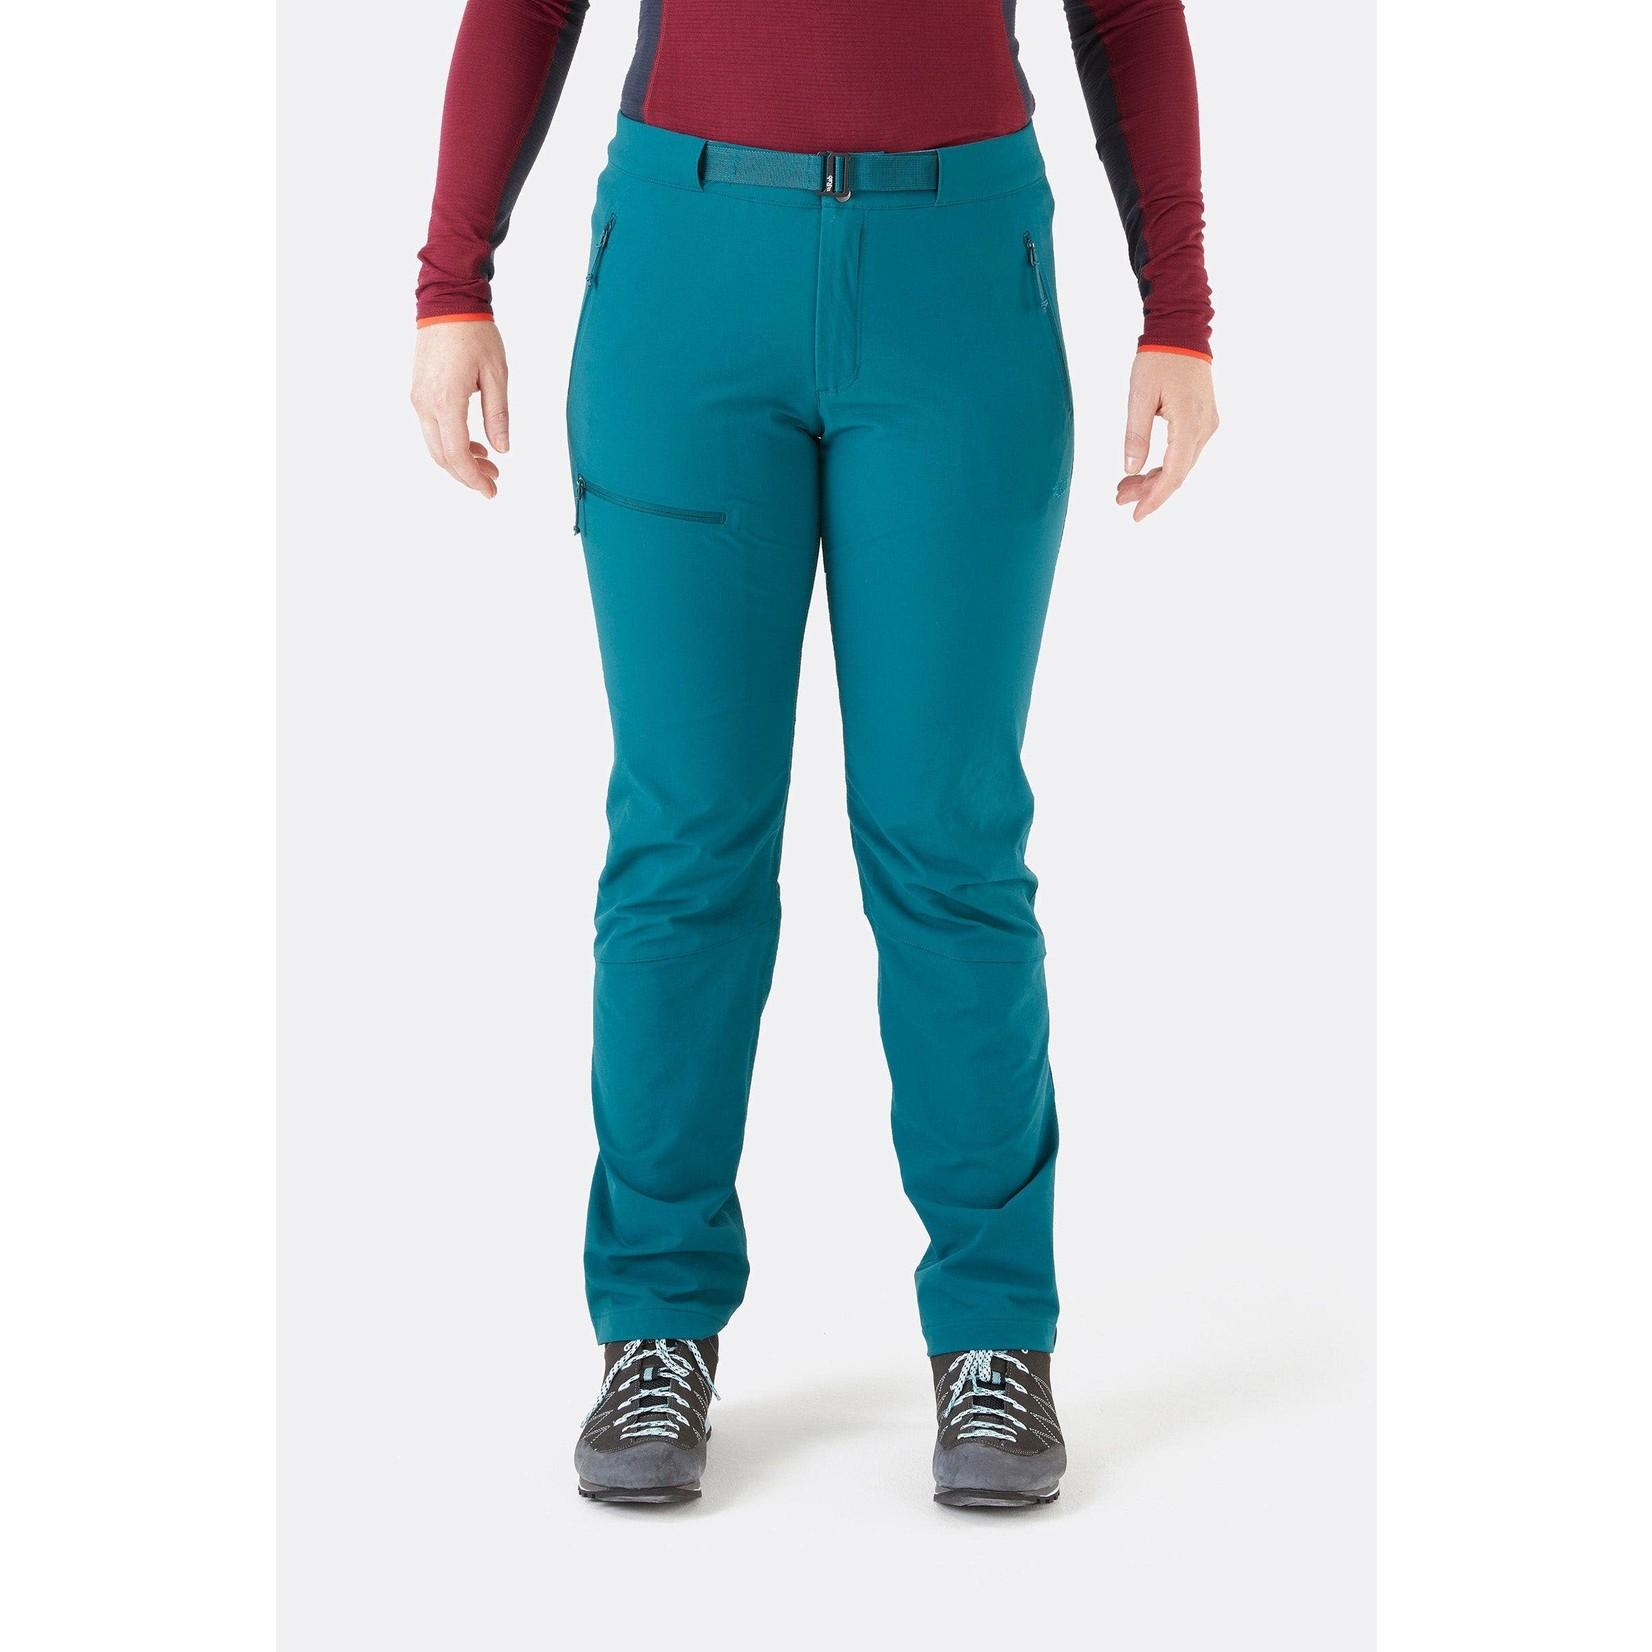 RAB Women's Incline AS Softshell Pants